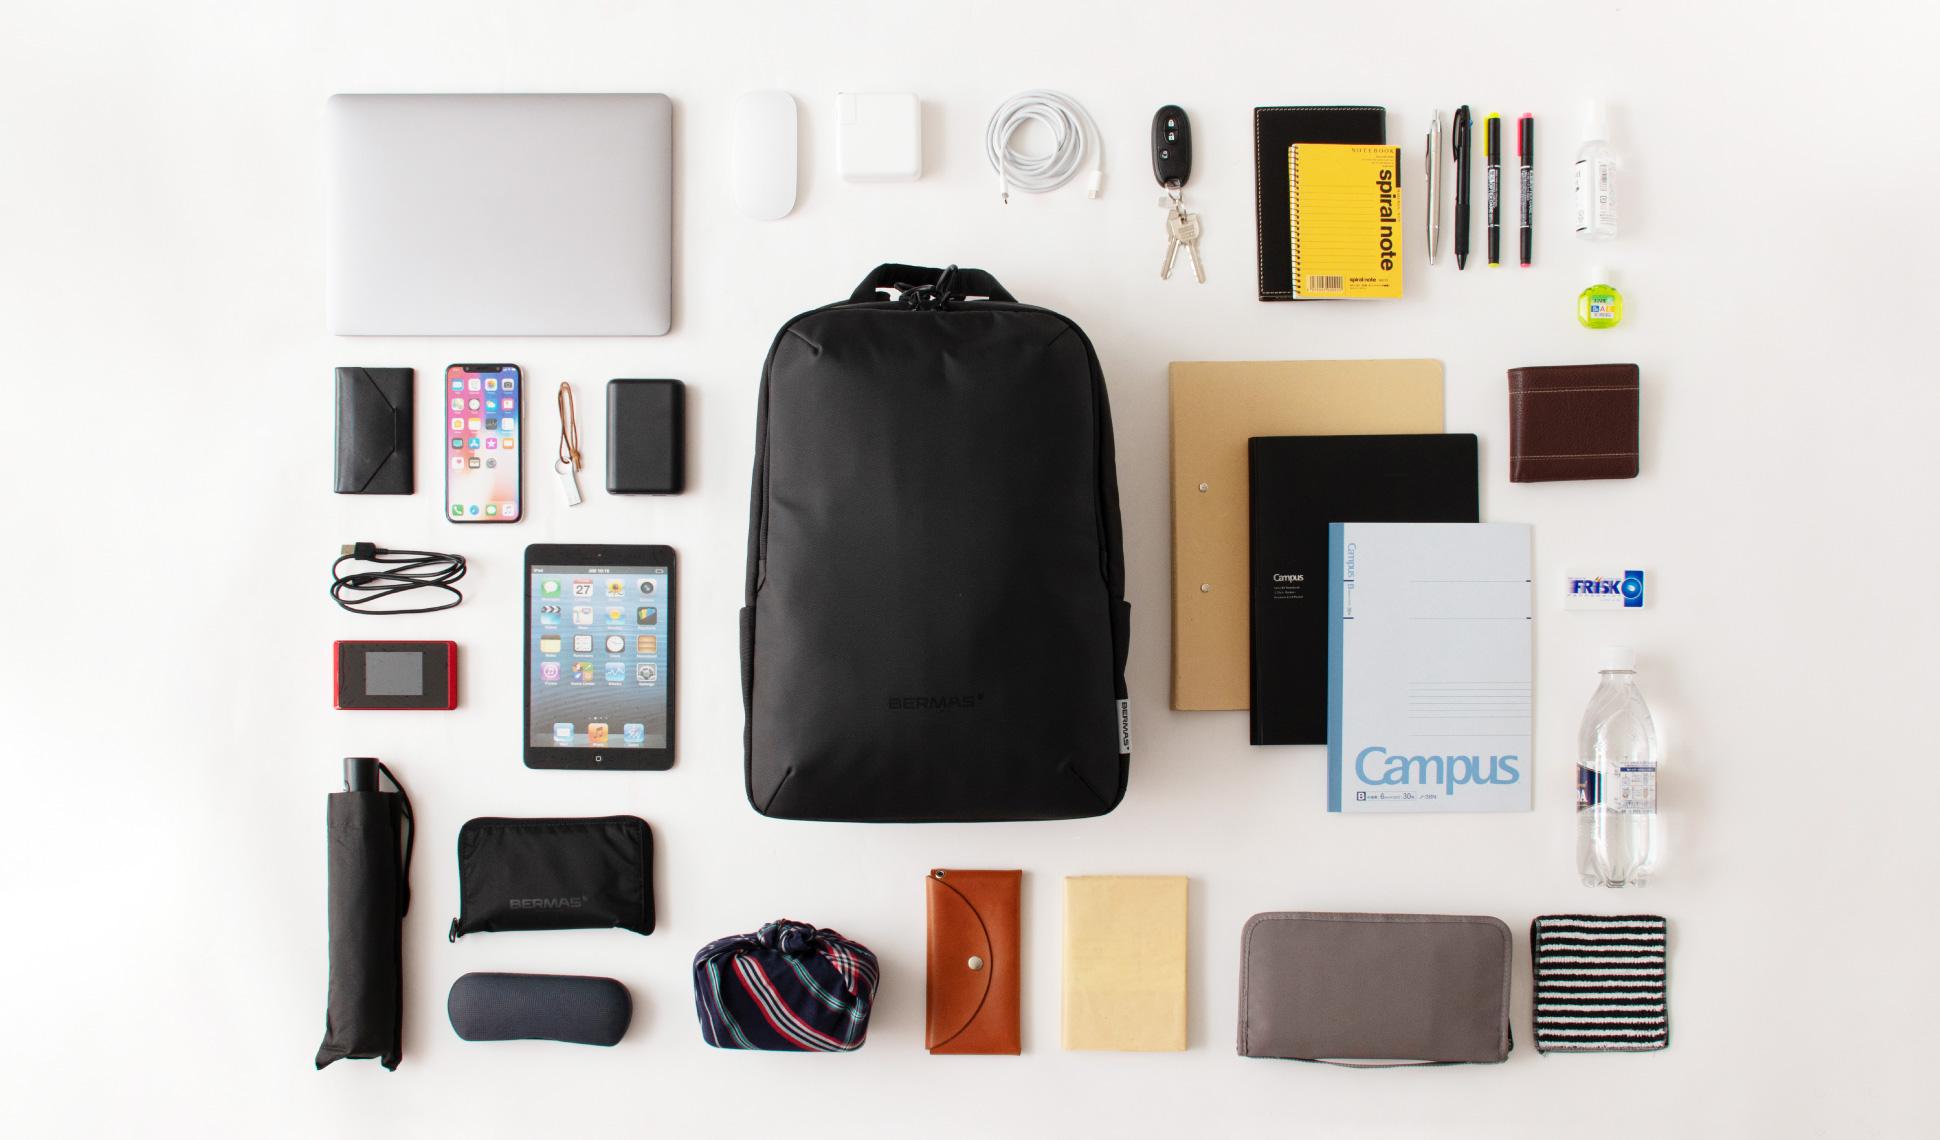 ノートパソコンやタブレット、A4ファイル、手帳、ペットボトルなど、これだけのアイテムをバッグの中に収容できます